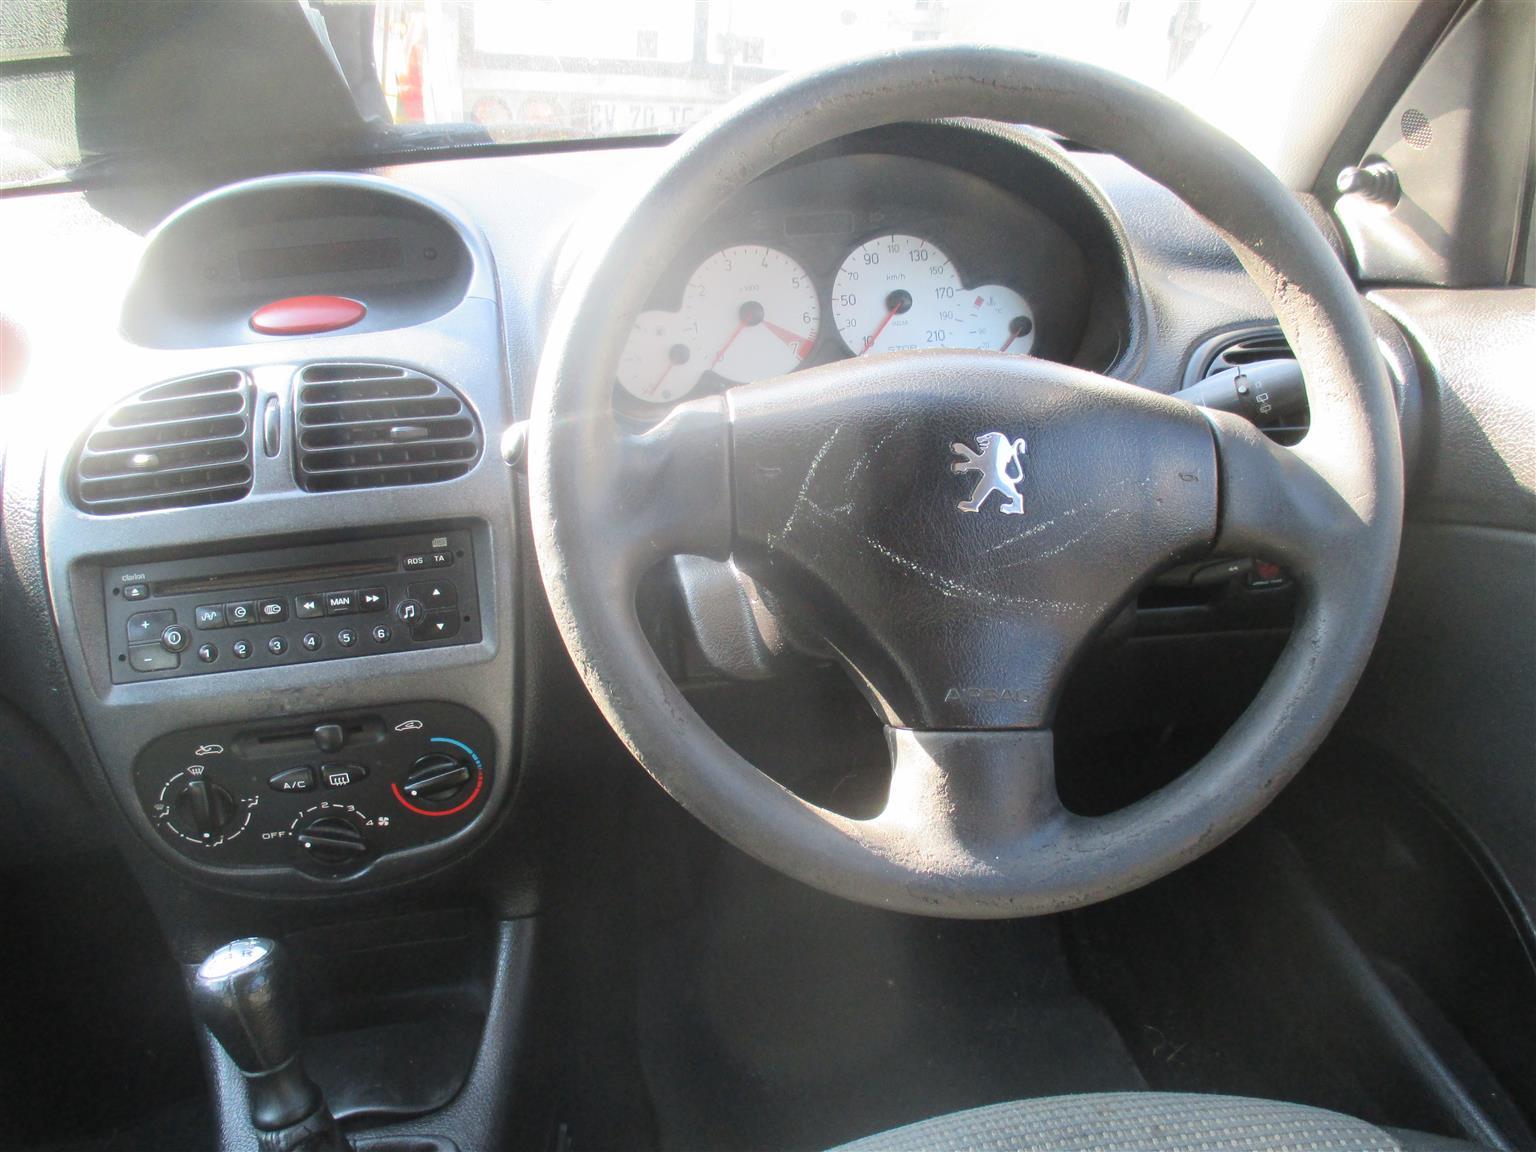 2004 Peugeot 206 1.4 16V X Line